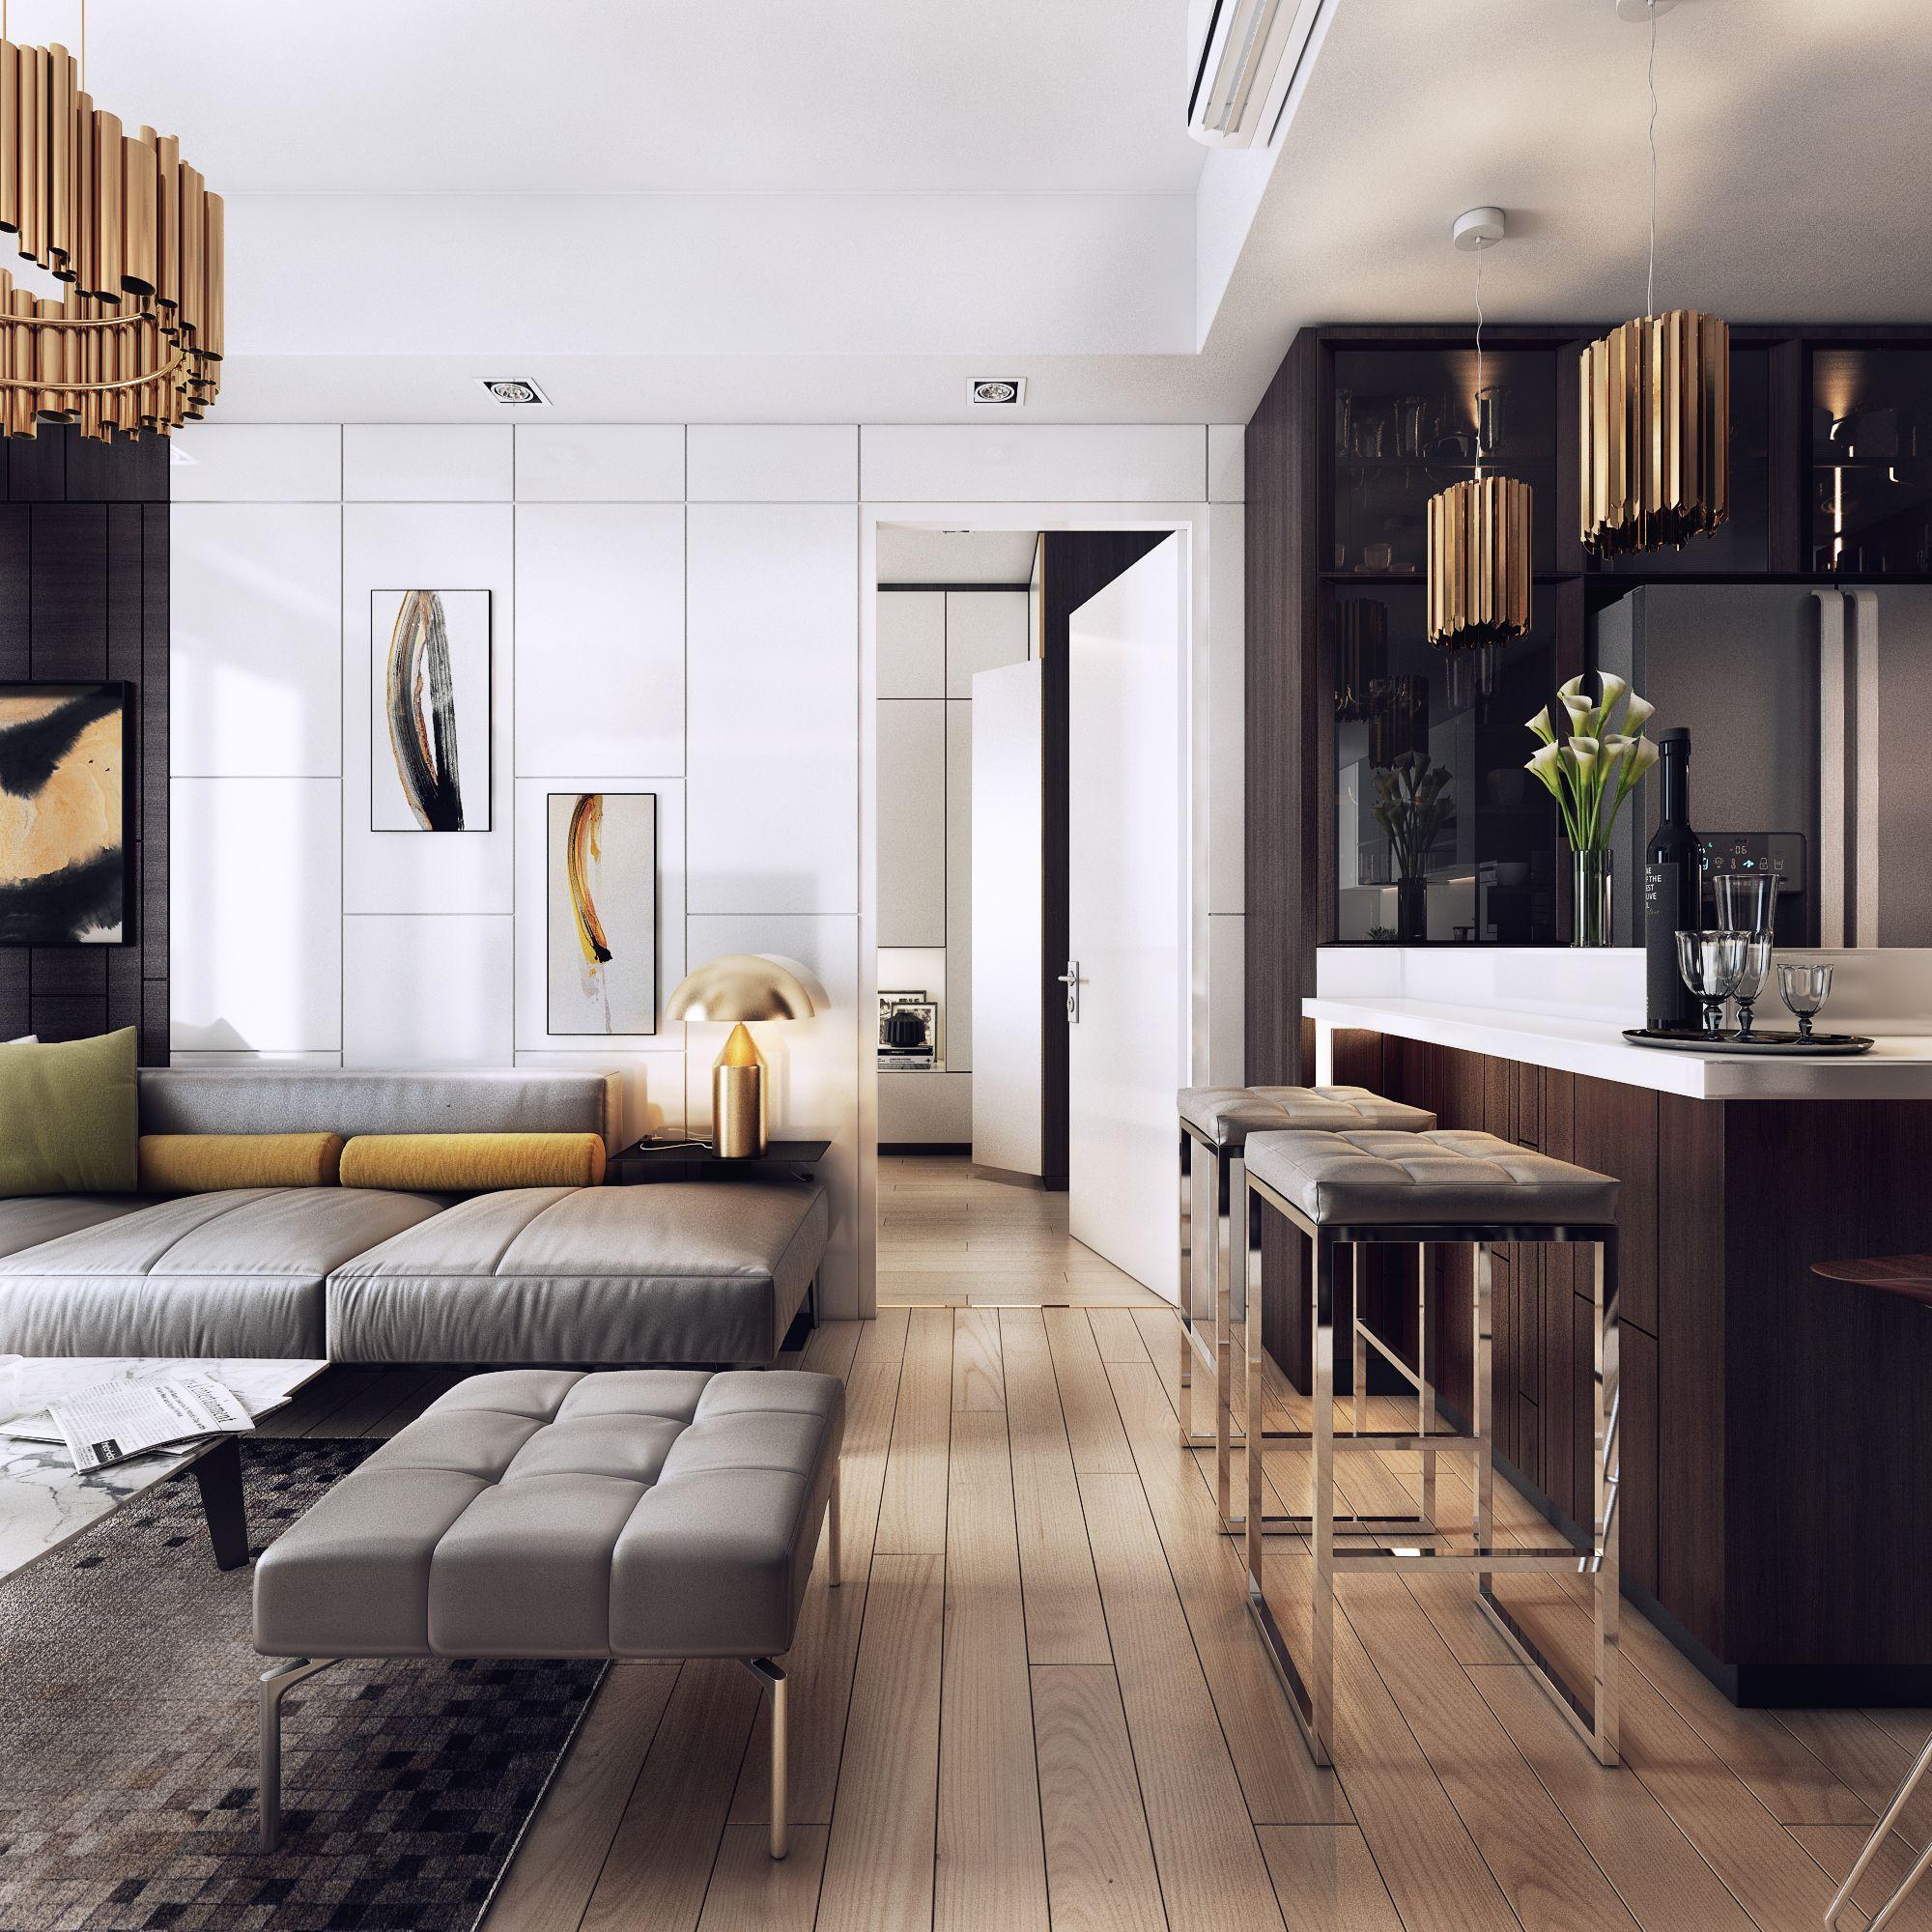 Luxury Apartment Interior Design Ideas